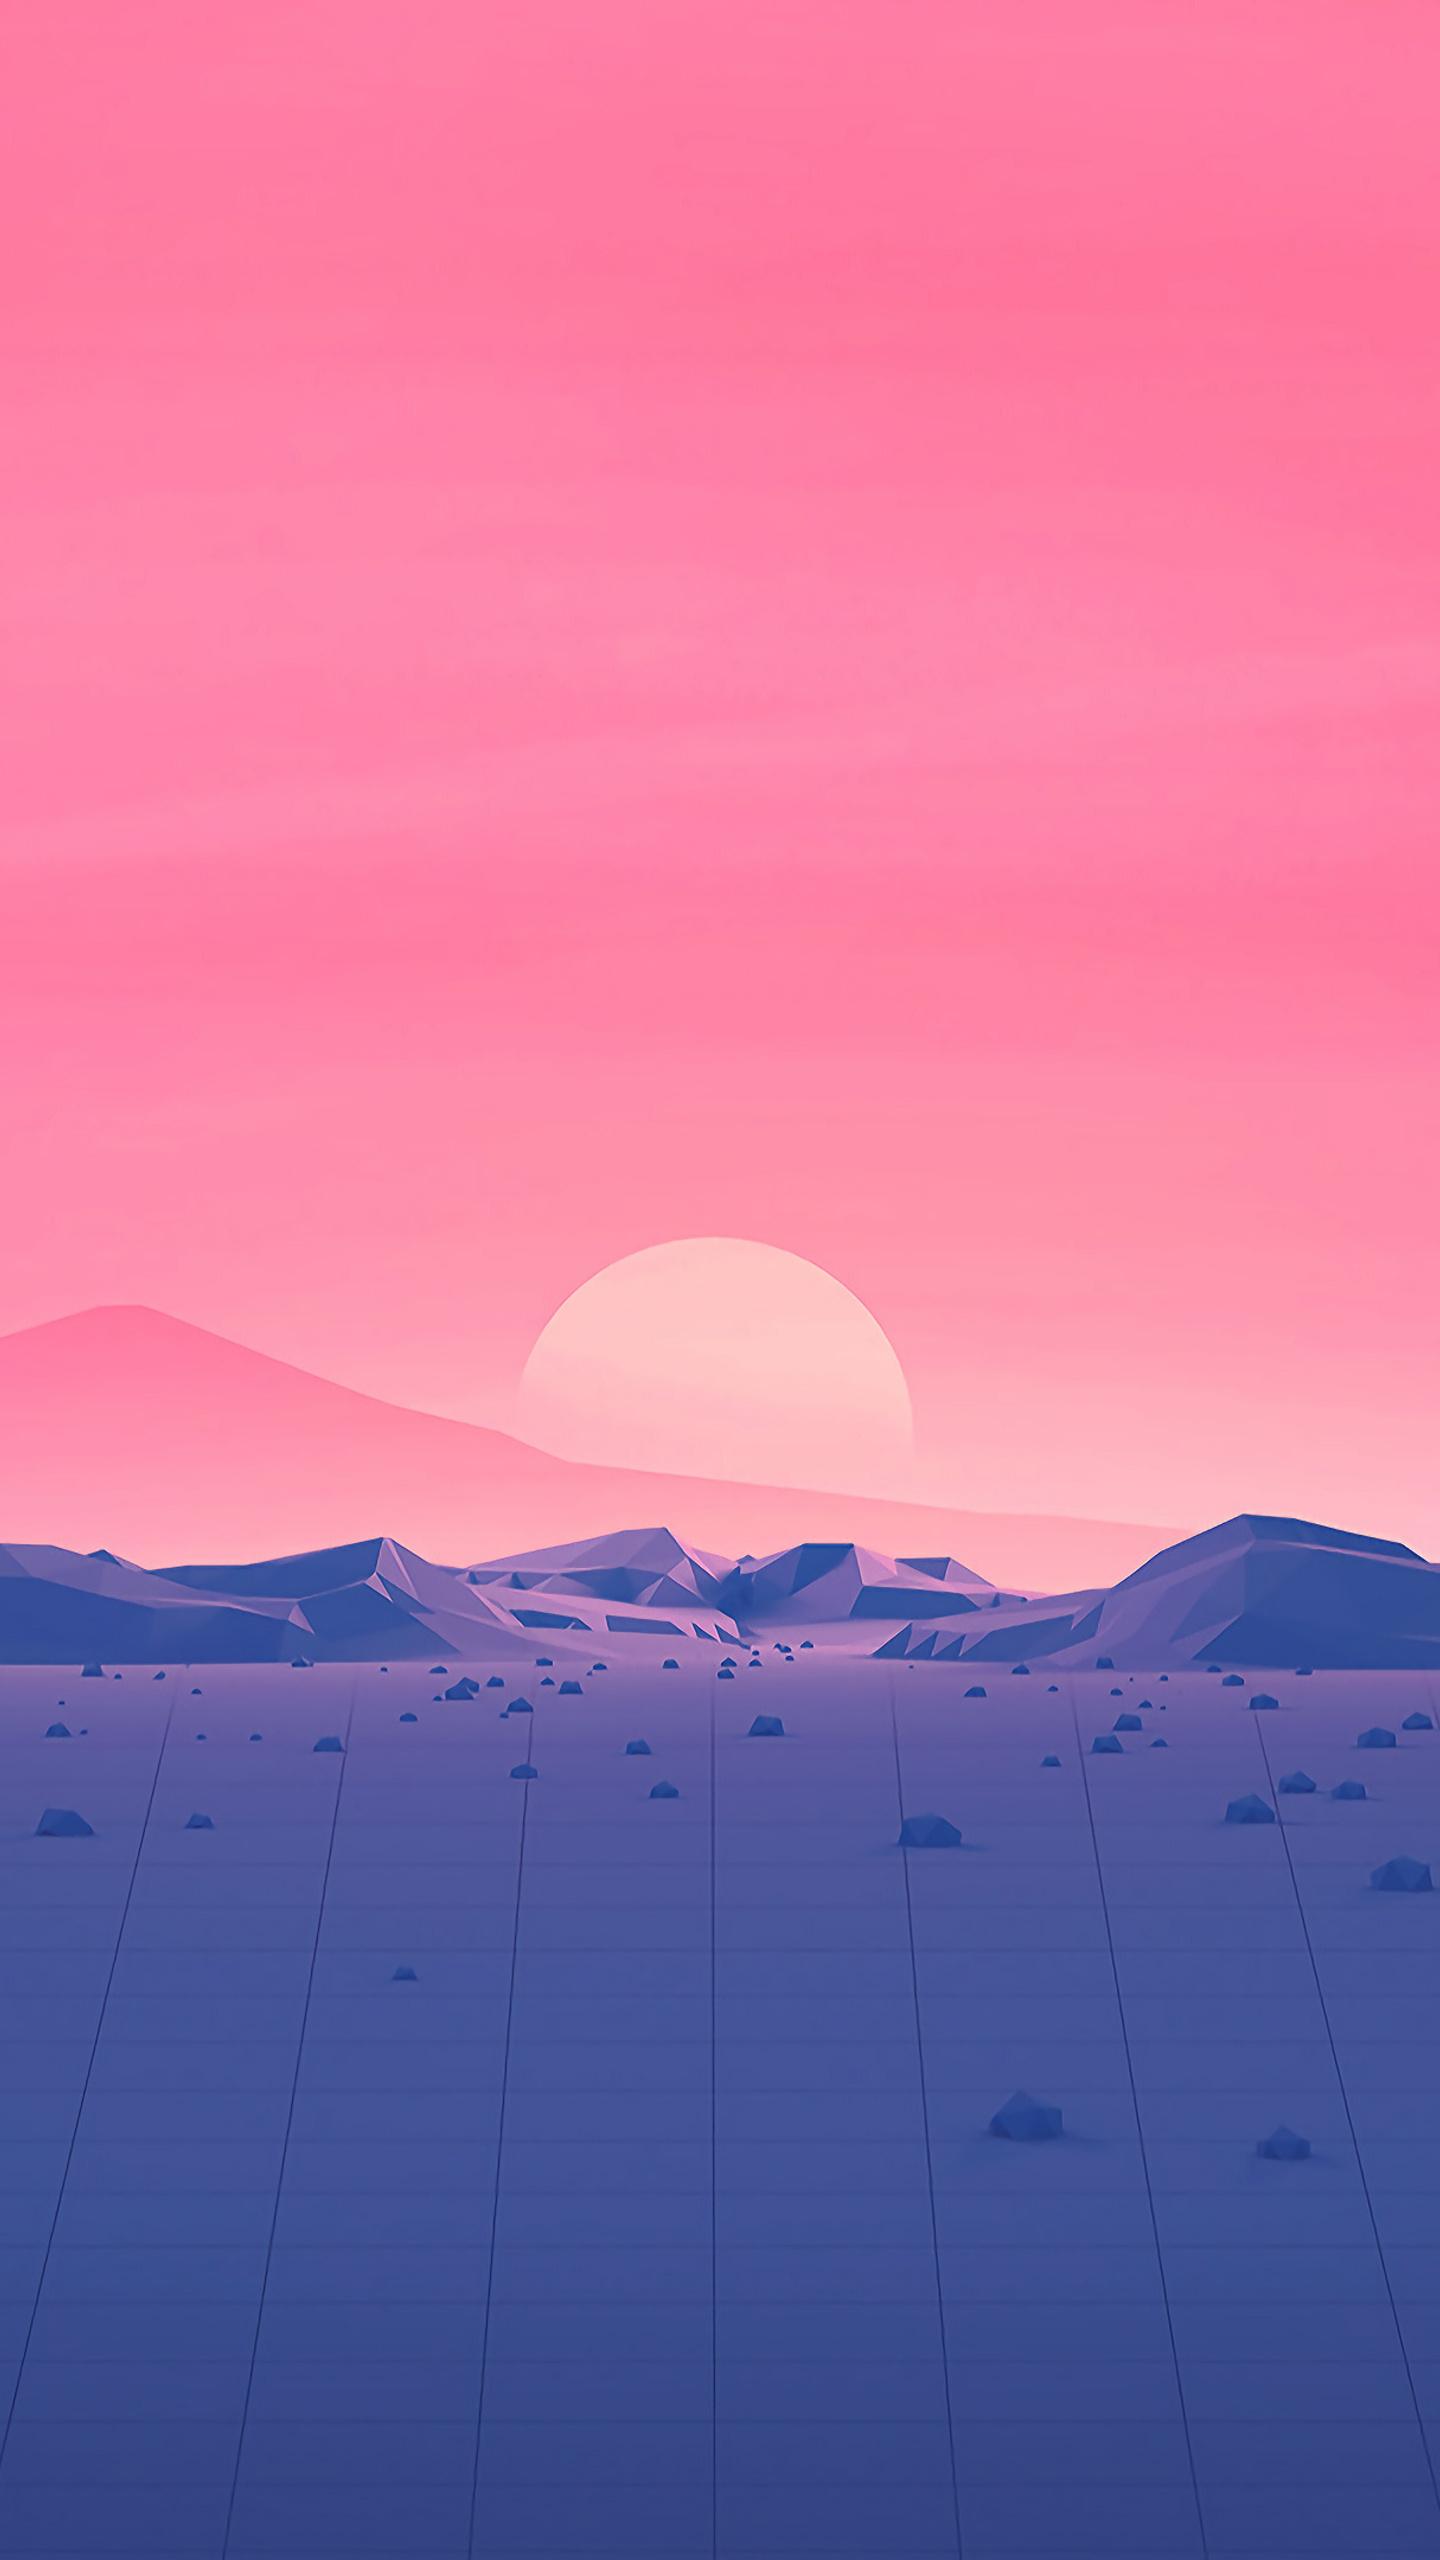 hotizons-sunset-polygon-surface-mountains-4k-minimalism-rp.jpg